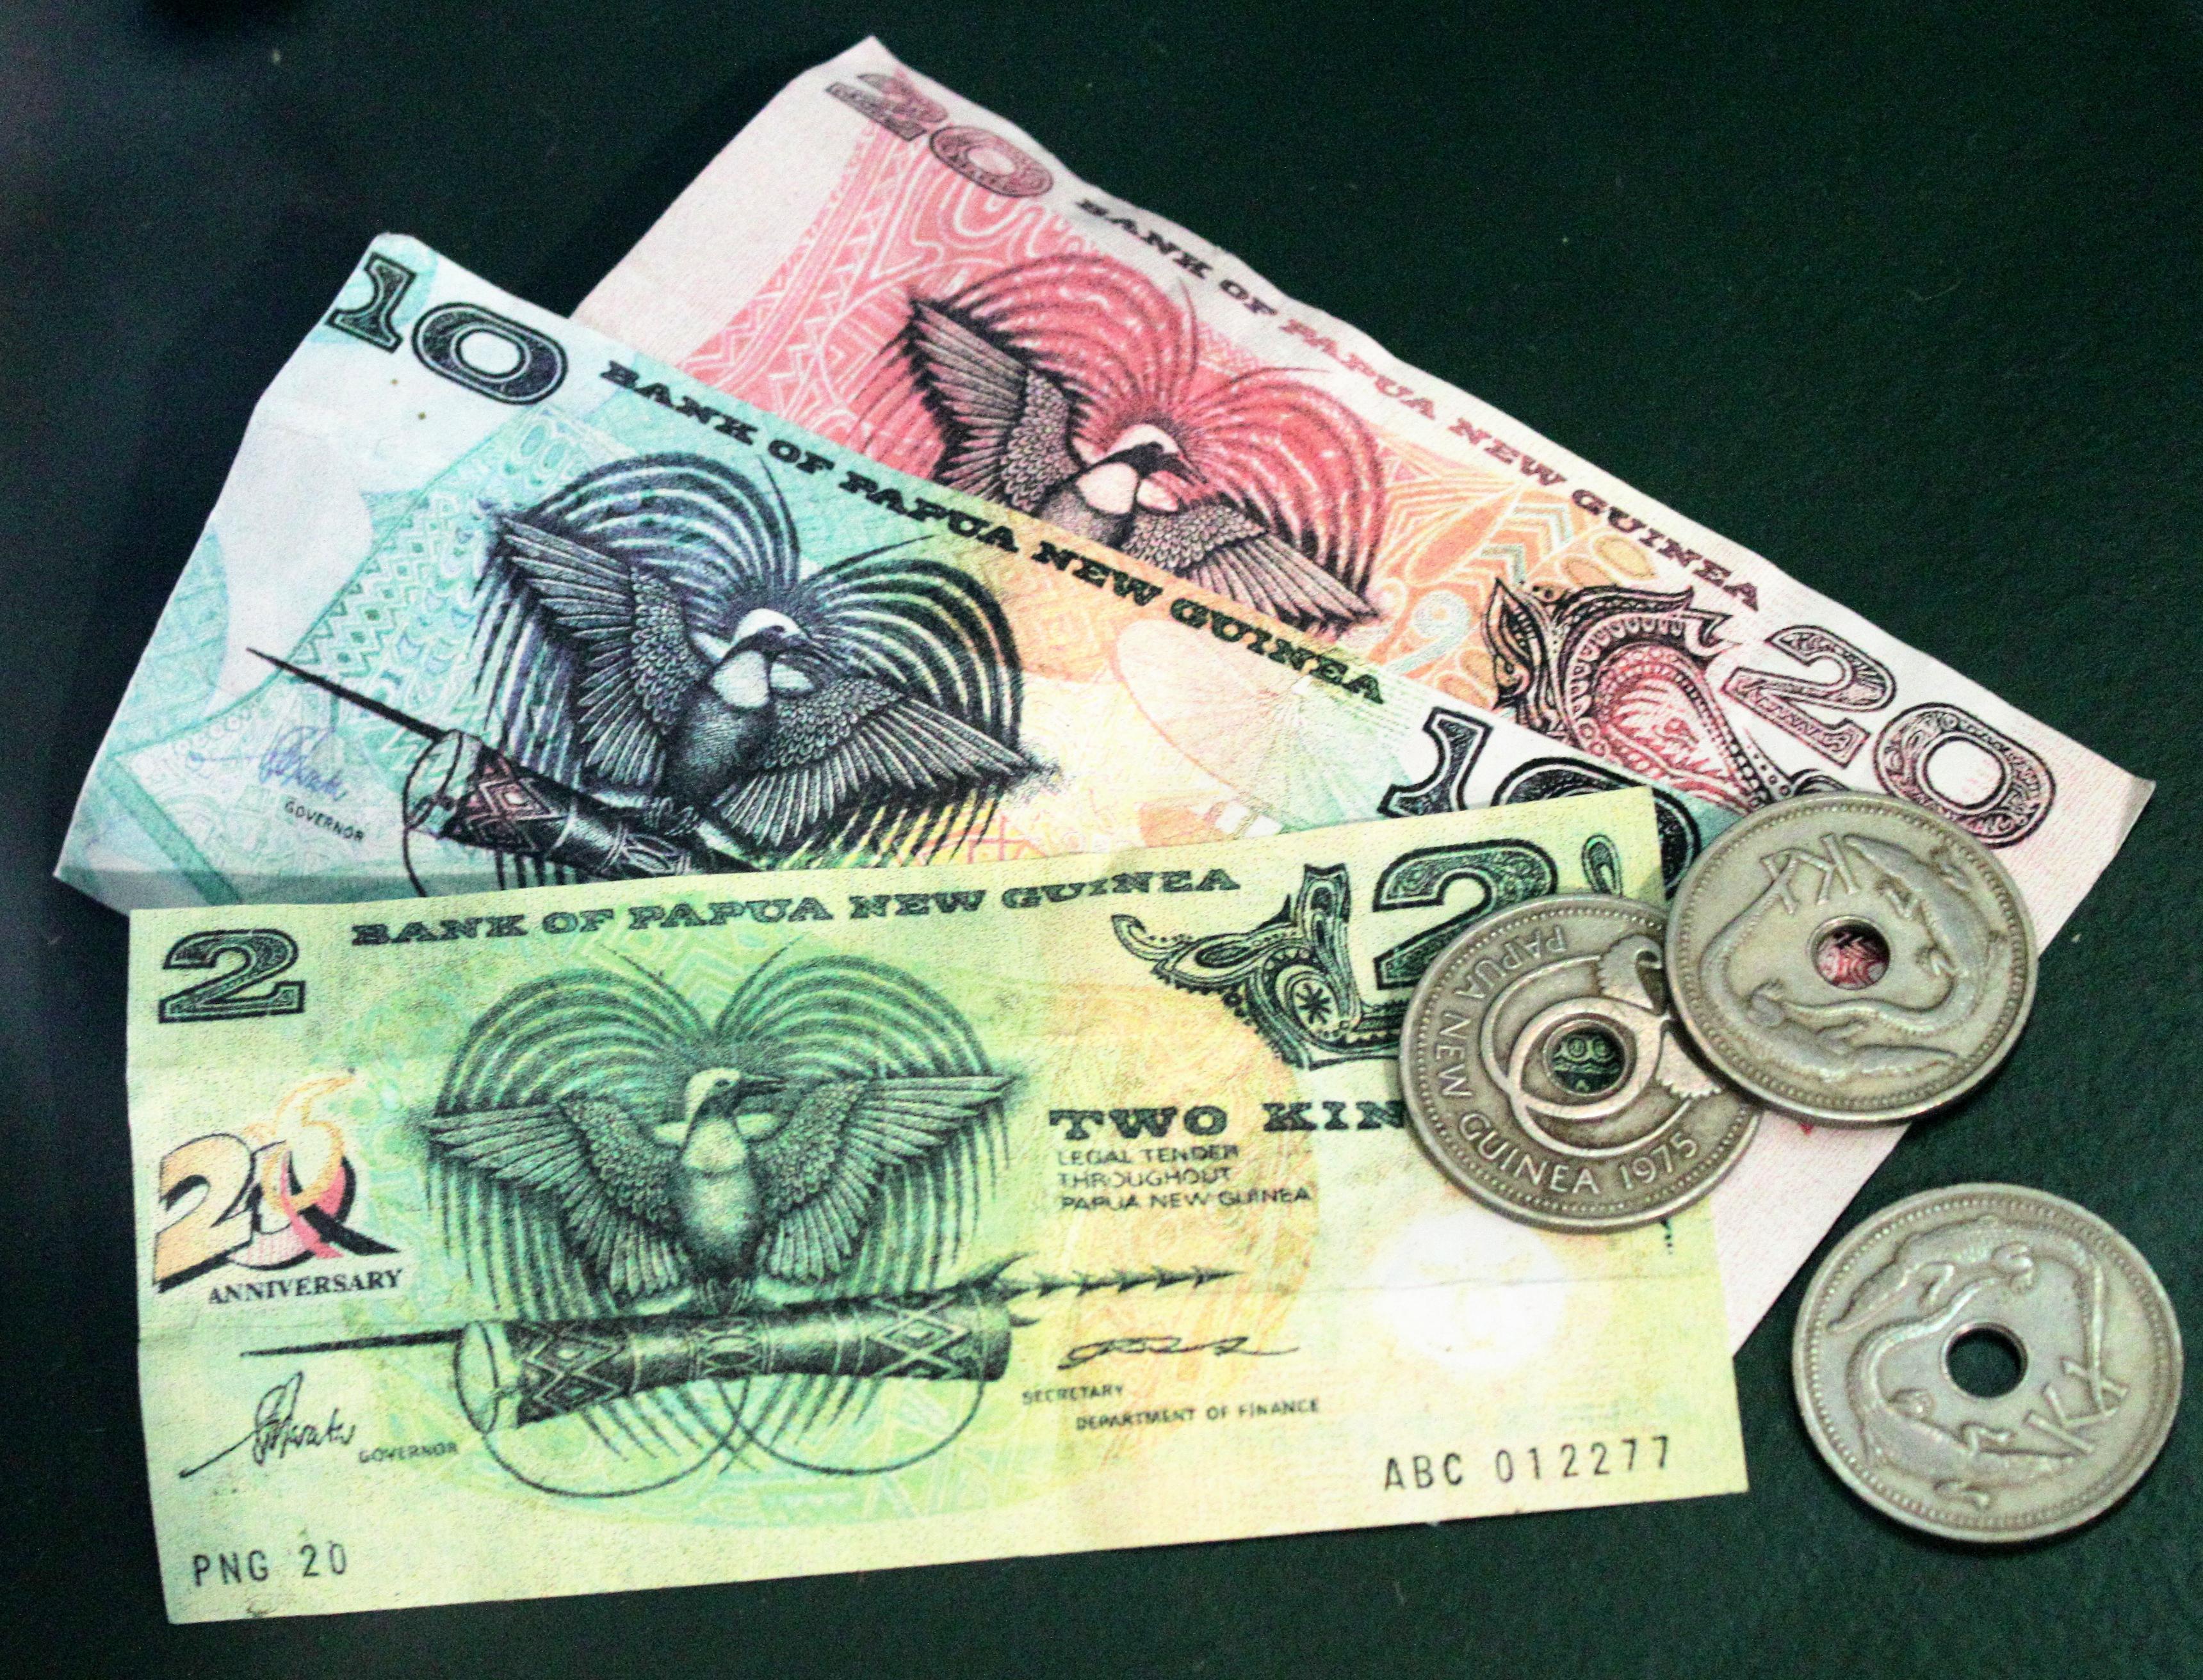 Кина – национальная валюта Новой Гвинеи